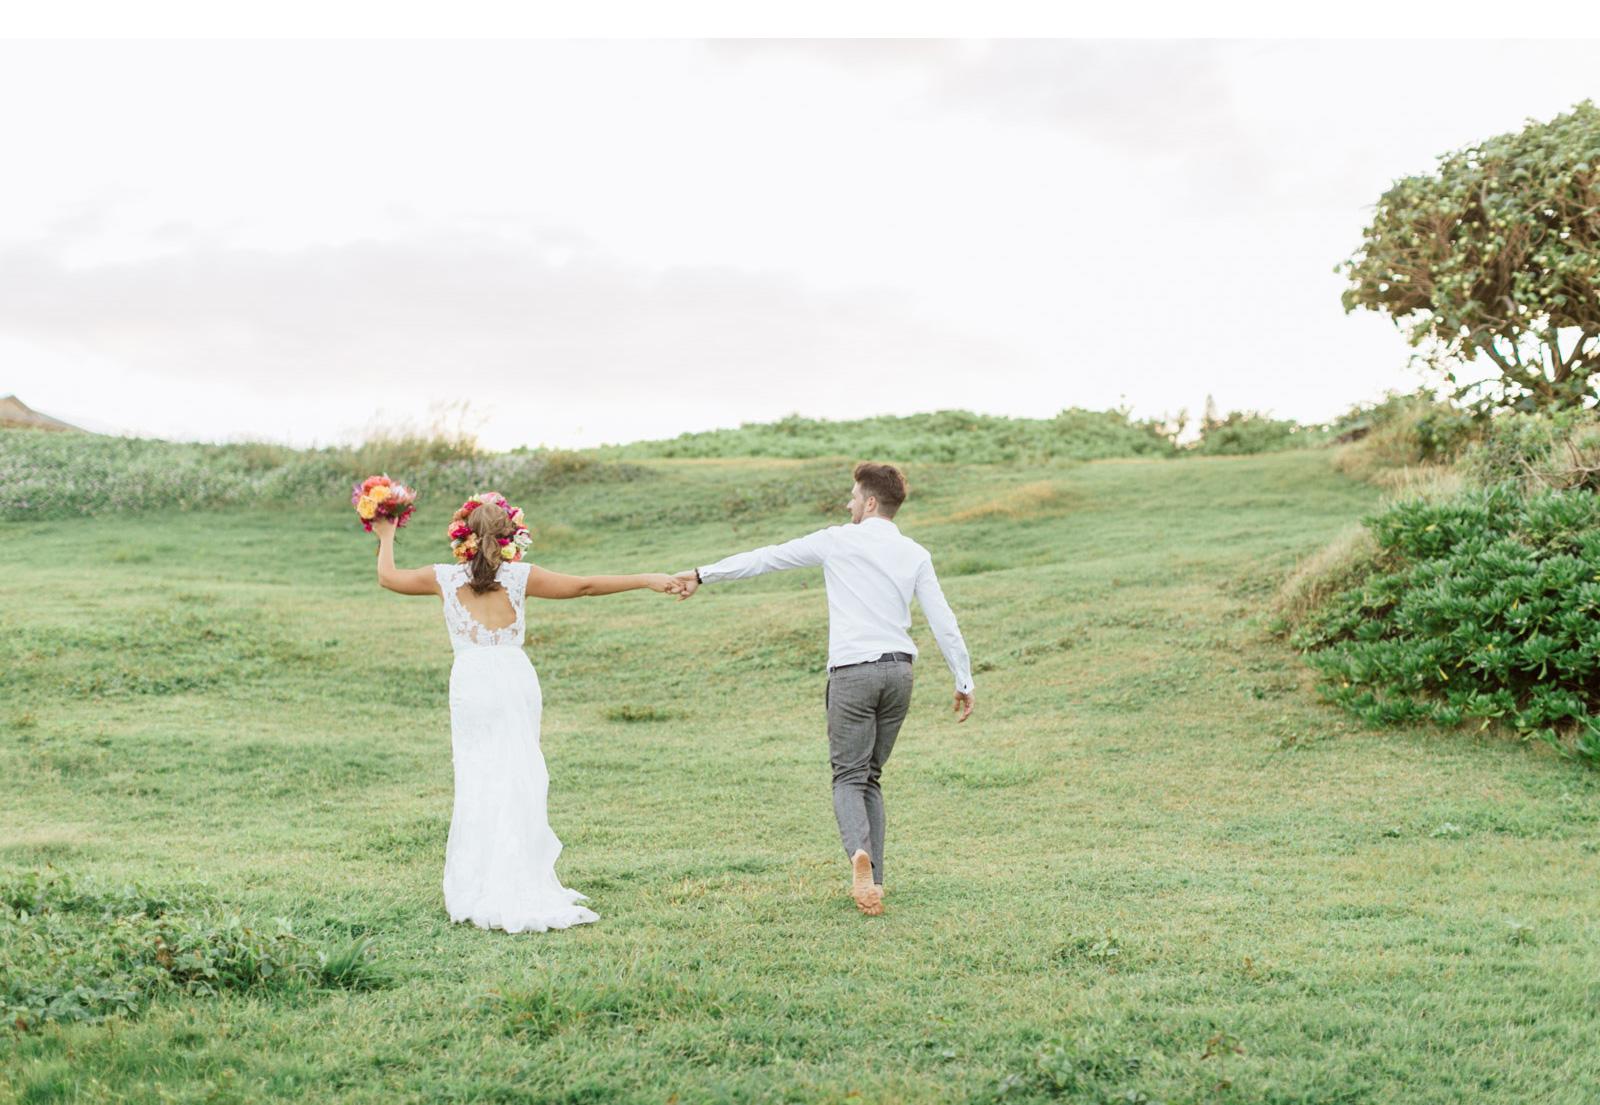 Natalie-Schutt-Photography--Hawaii-Wedding-Photographer_02.jpg